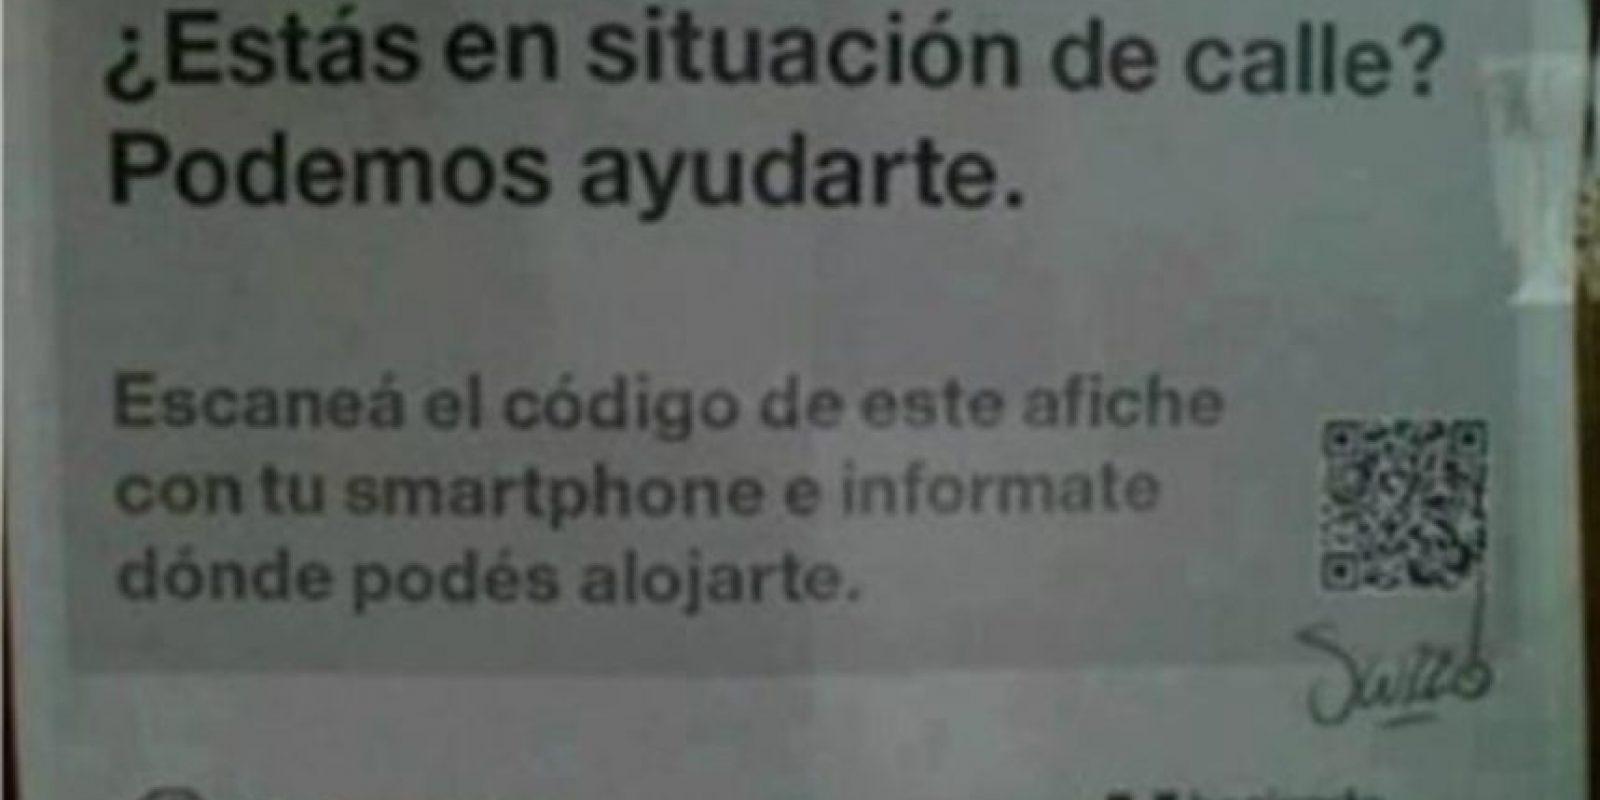 ¿Puede un mendigo tener un smartphone? Foto:Twitter